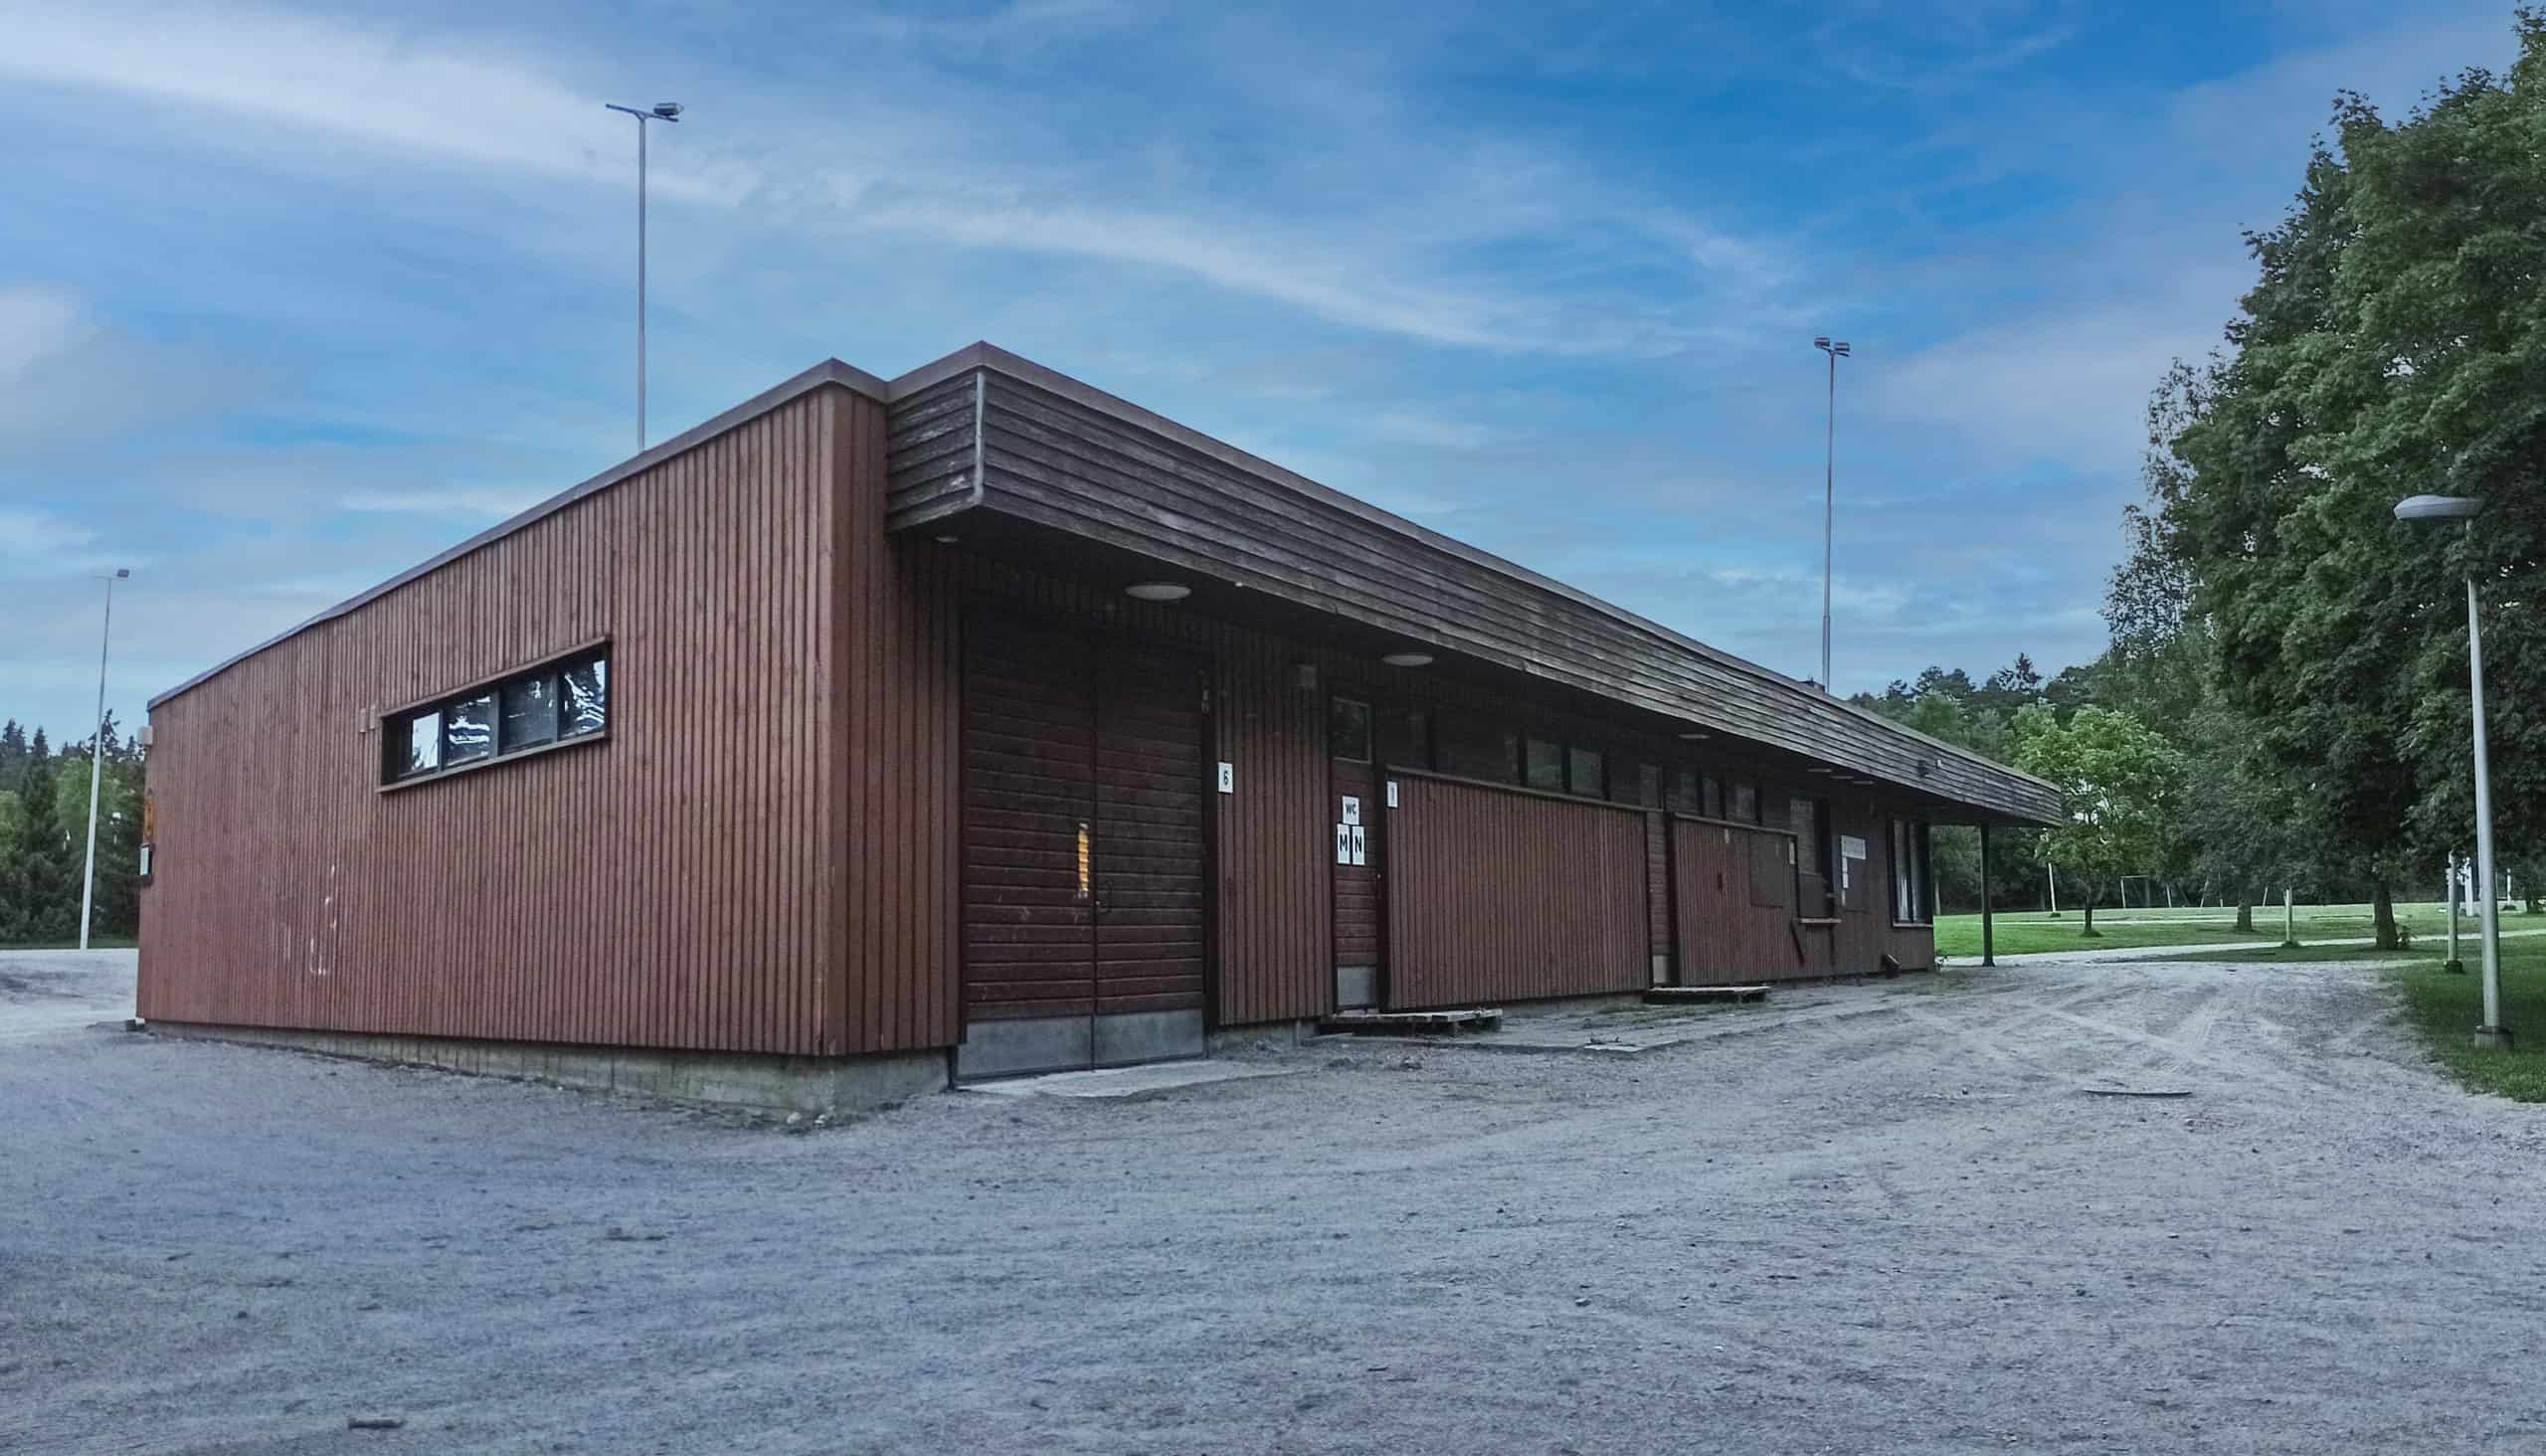 Ruskea rakennus jalkapallokentän reunalla.